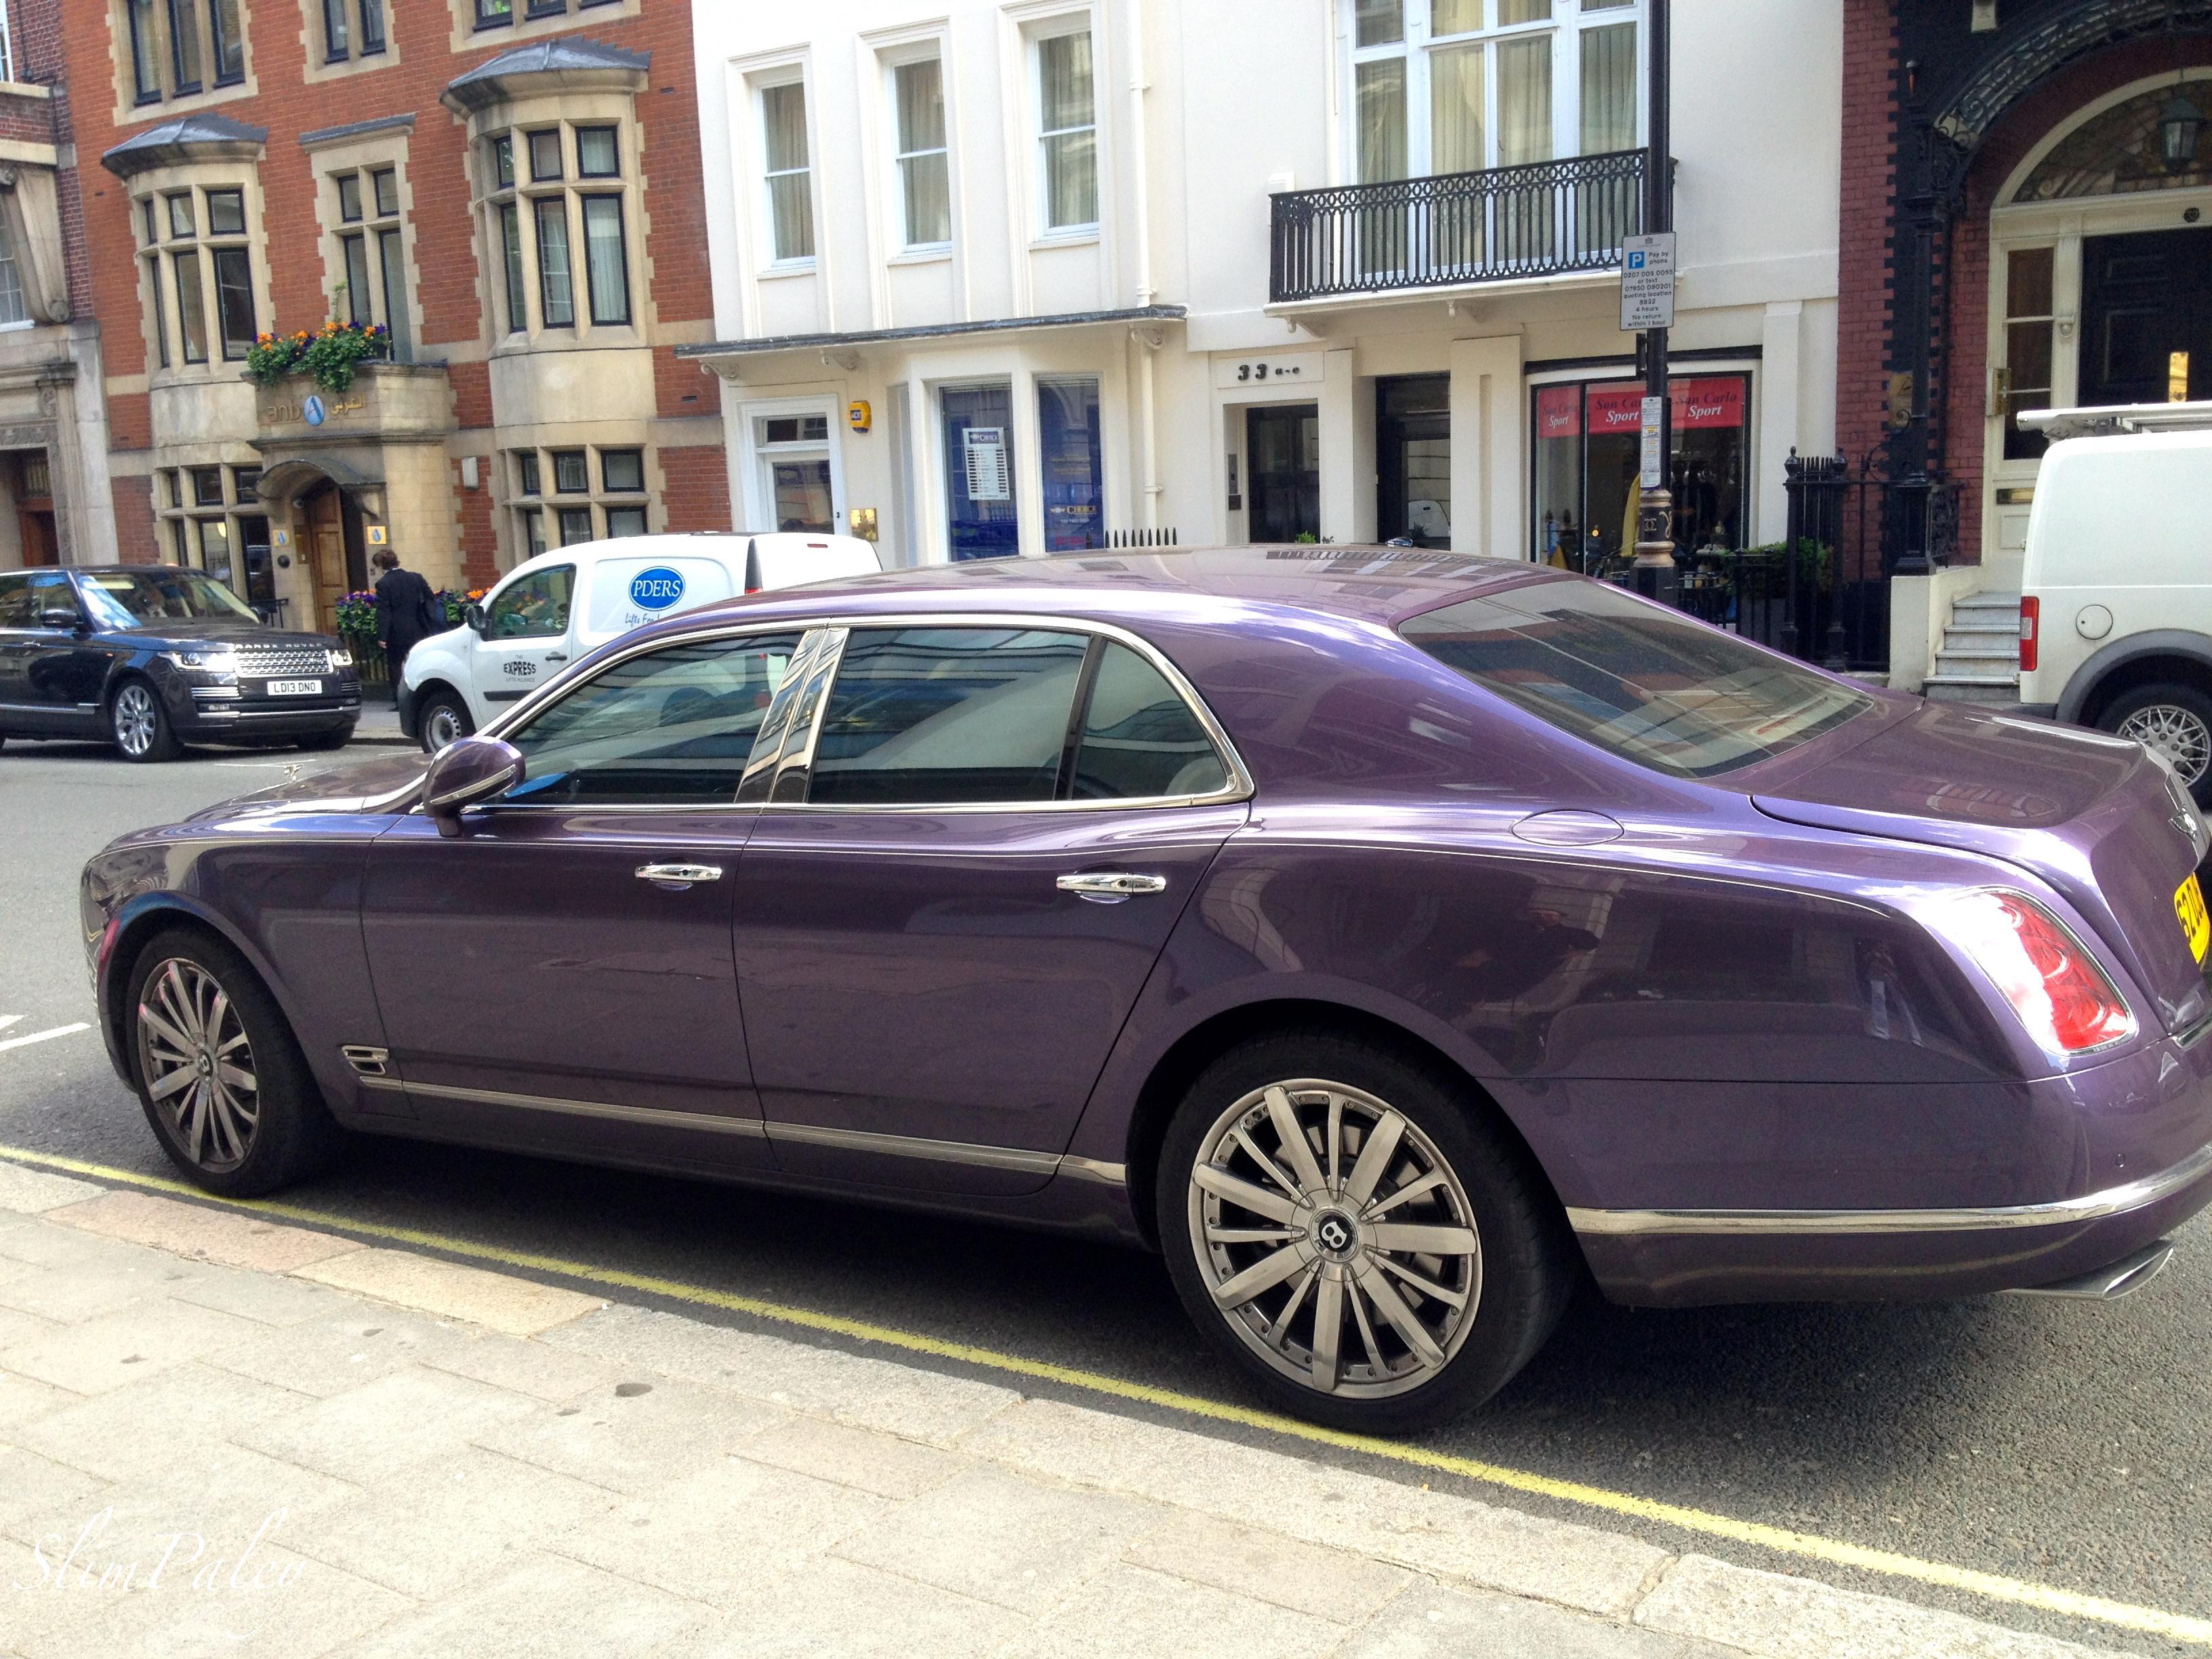 Purple Bentley